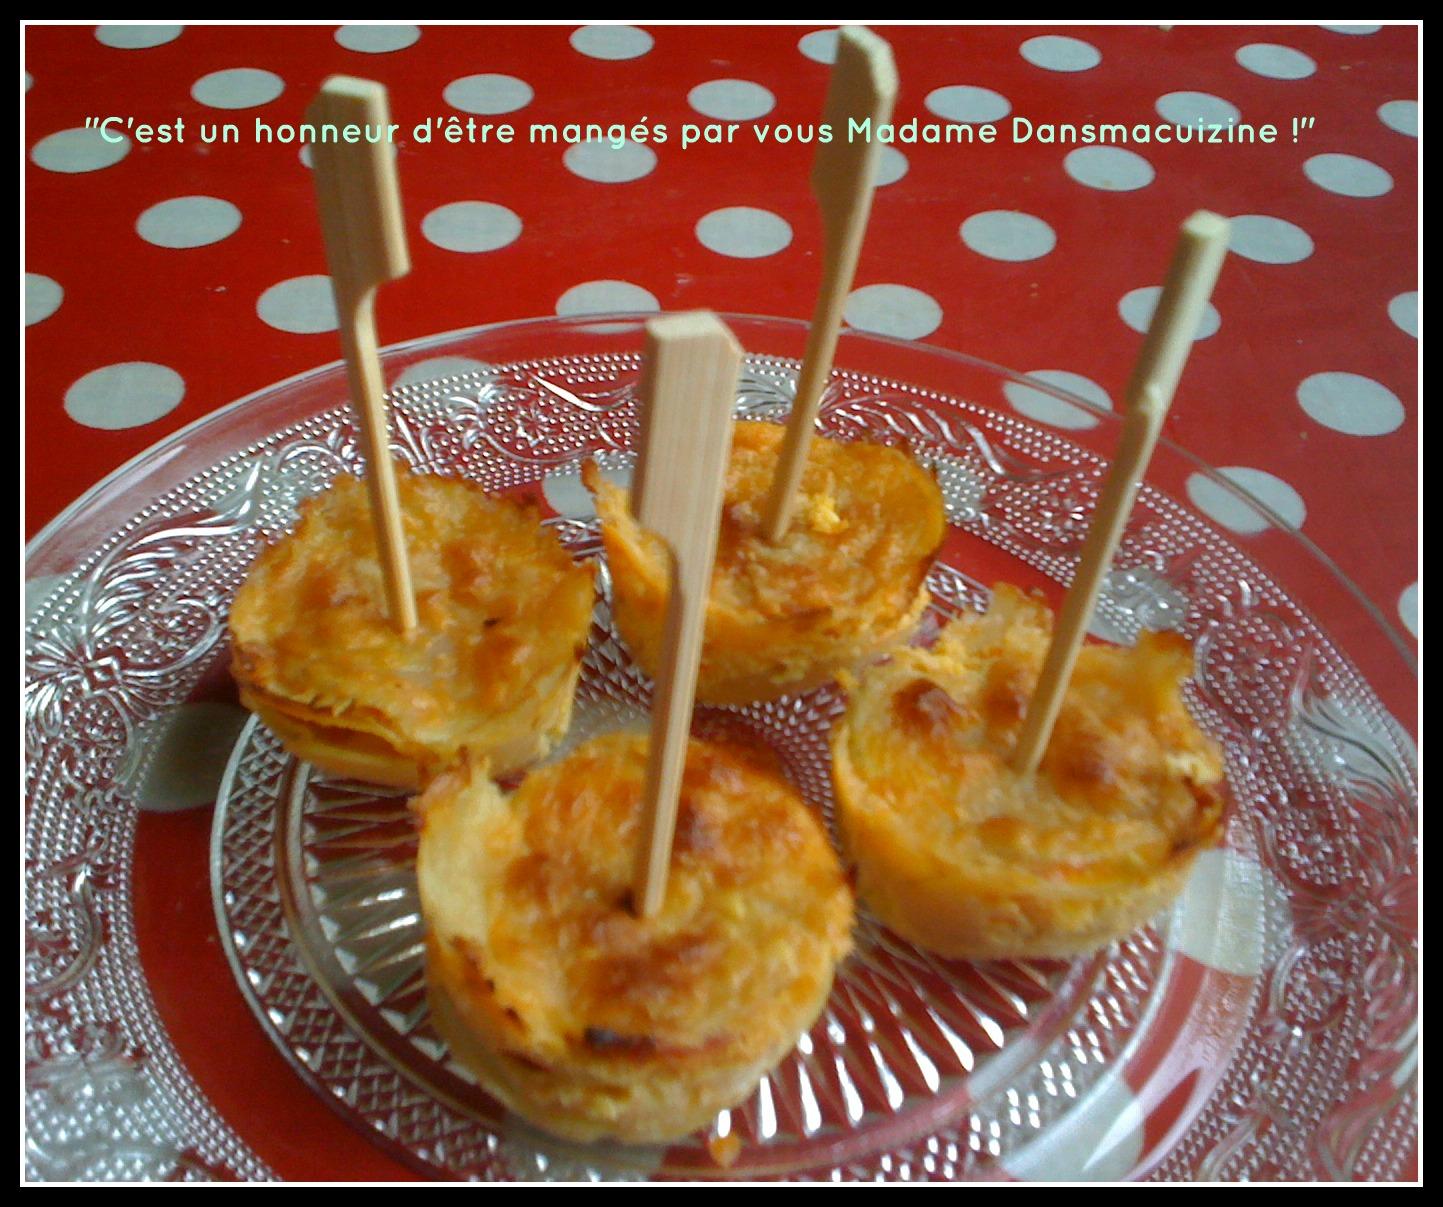 Une id e pour l 39 ap ro 3 mini gratins de pommes de terre dansmacuizine - Idee pour l apero ...